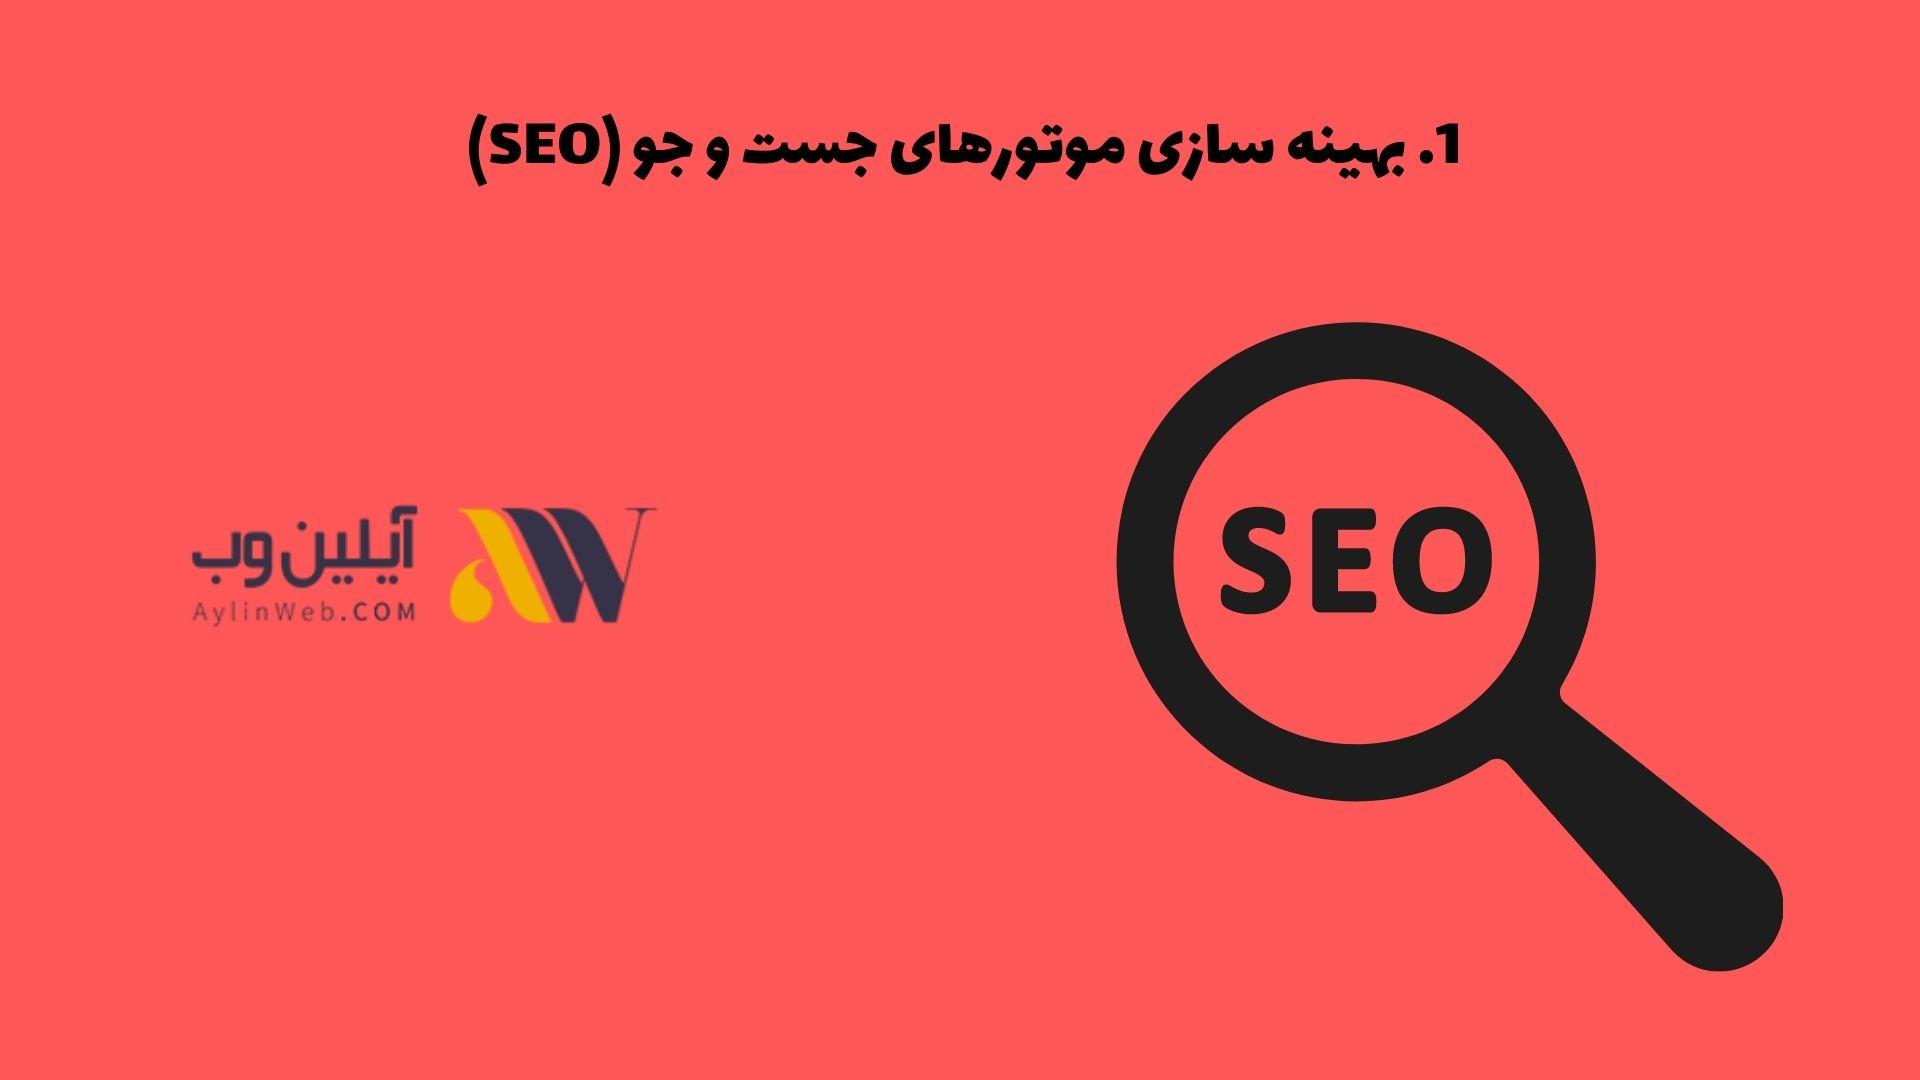 بهینه سازی موتورهای جست و جو (SEO)